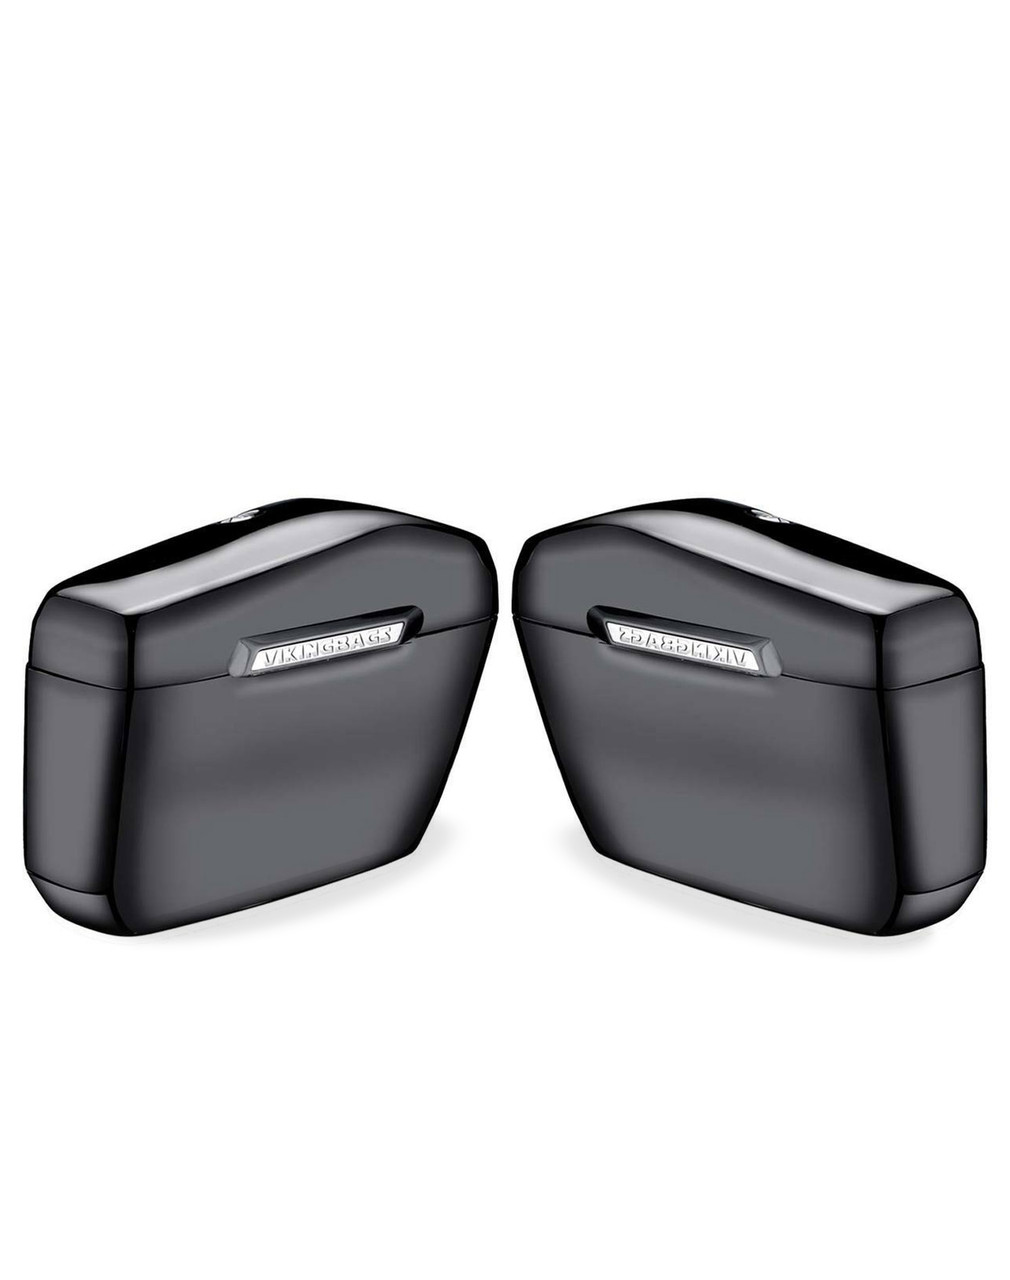 Honda 1100 Shadow Aero Viking Lamellar Large Black Hard Saddlebags Both Bags View